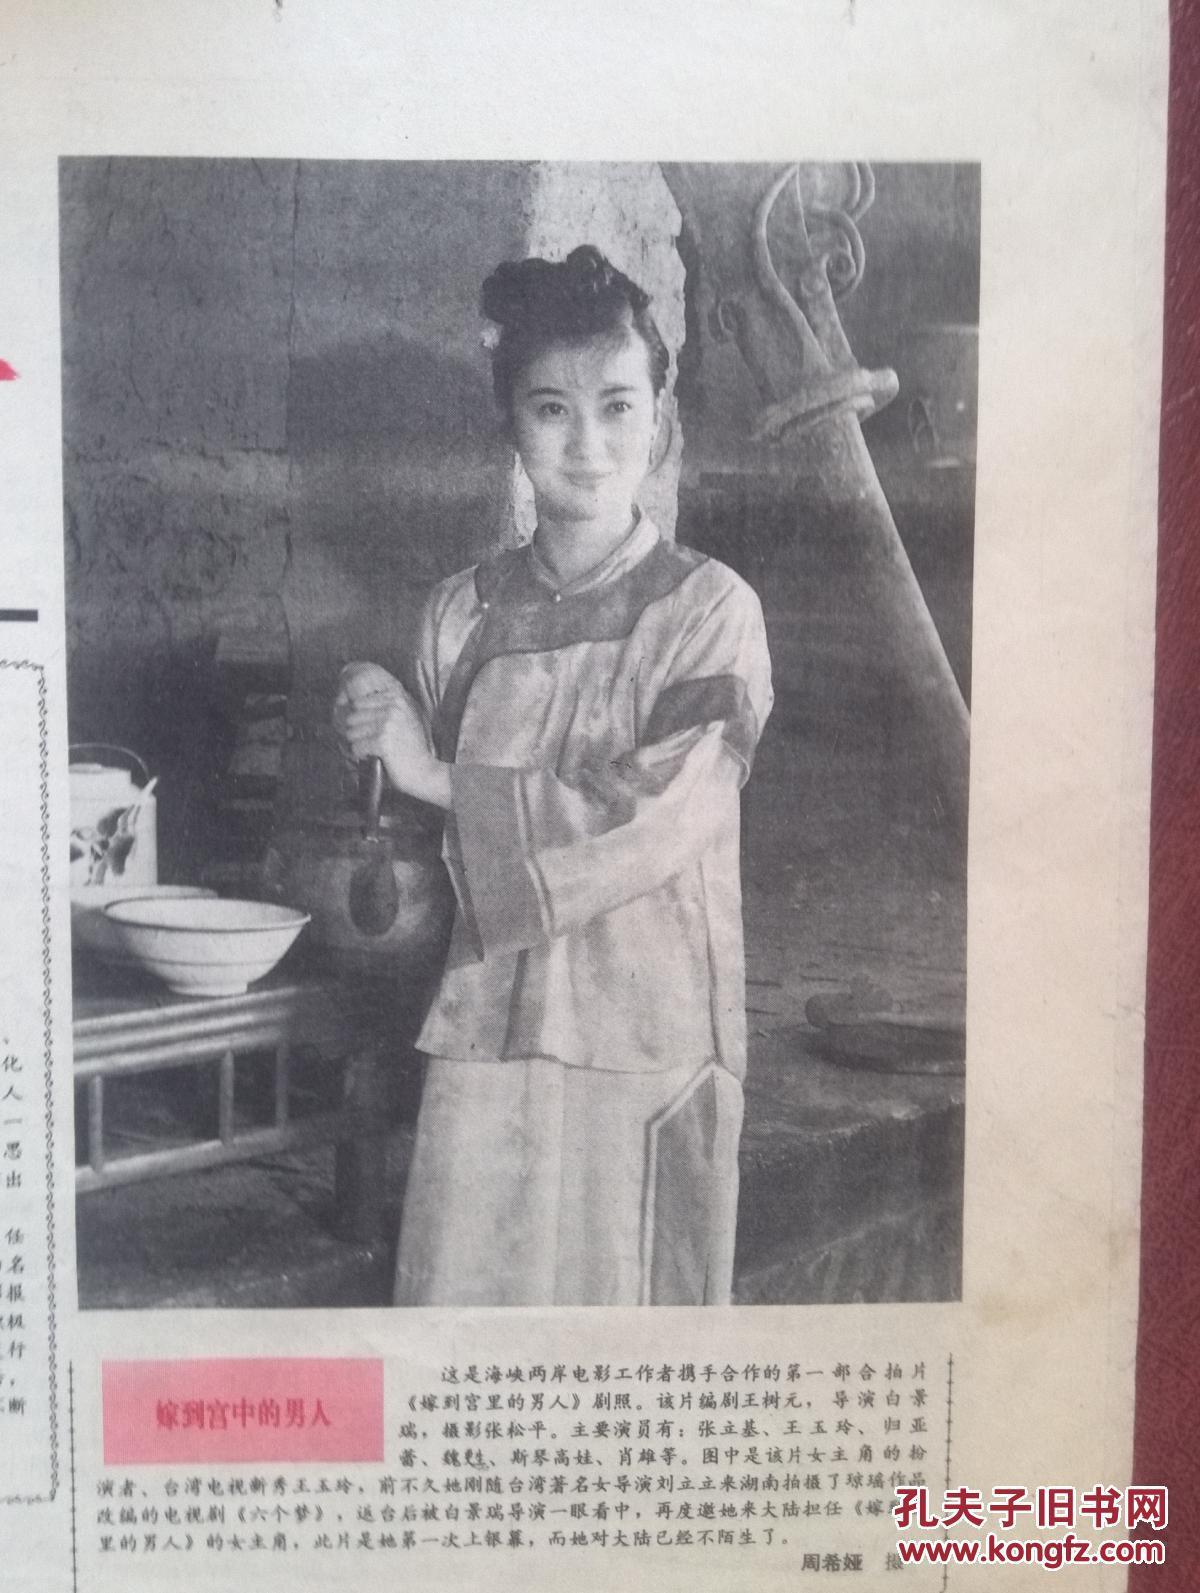 中国电影周报(范曾题写报名)王玉玲照片,首届中国电影